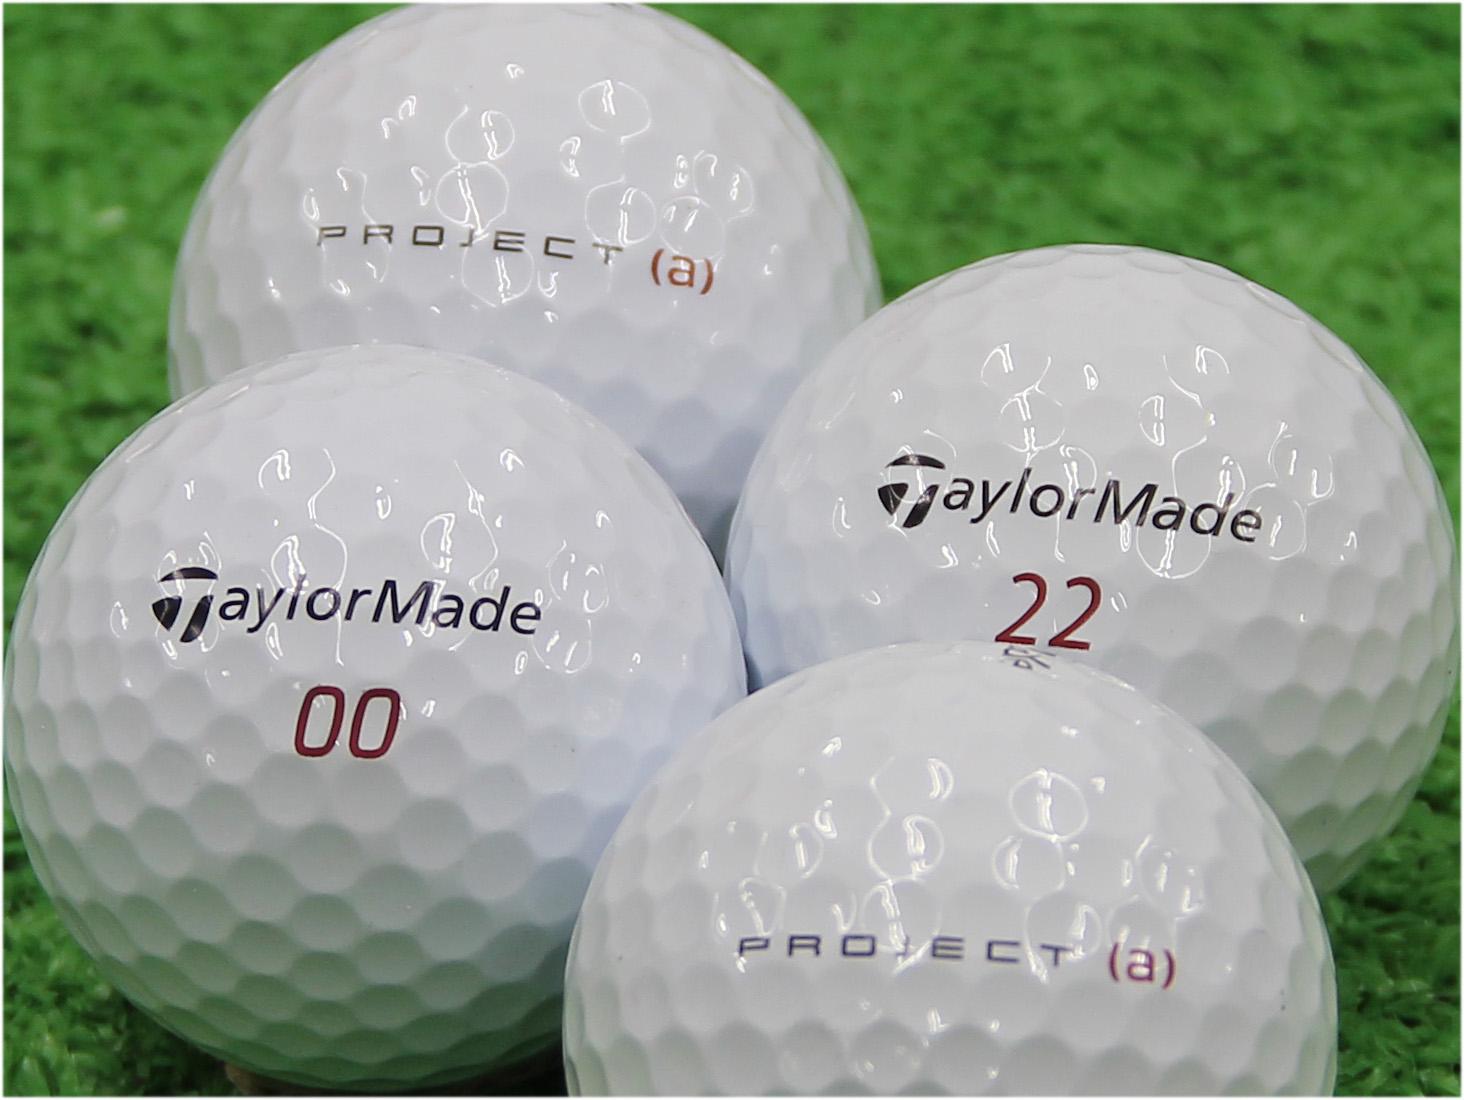 【Aランク】Taylor Made(テーラーメイド) PROJECT(a) 2014年モデル 1個